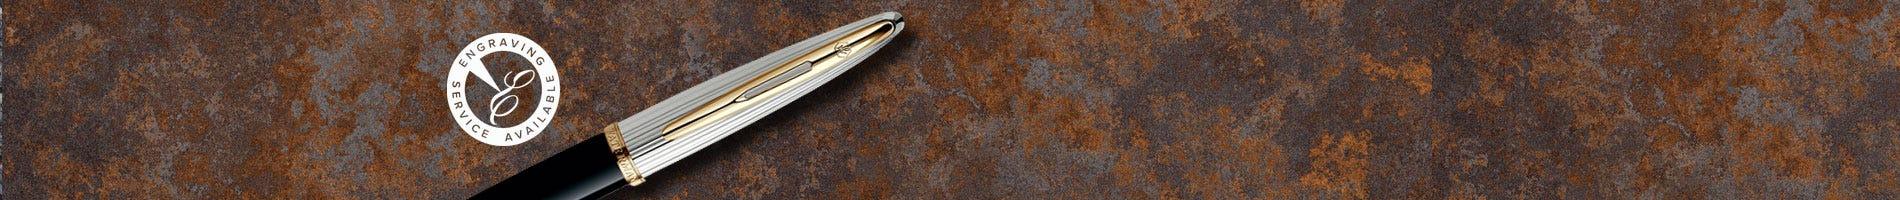 Waterman Carene deluxe pen